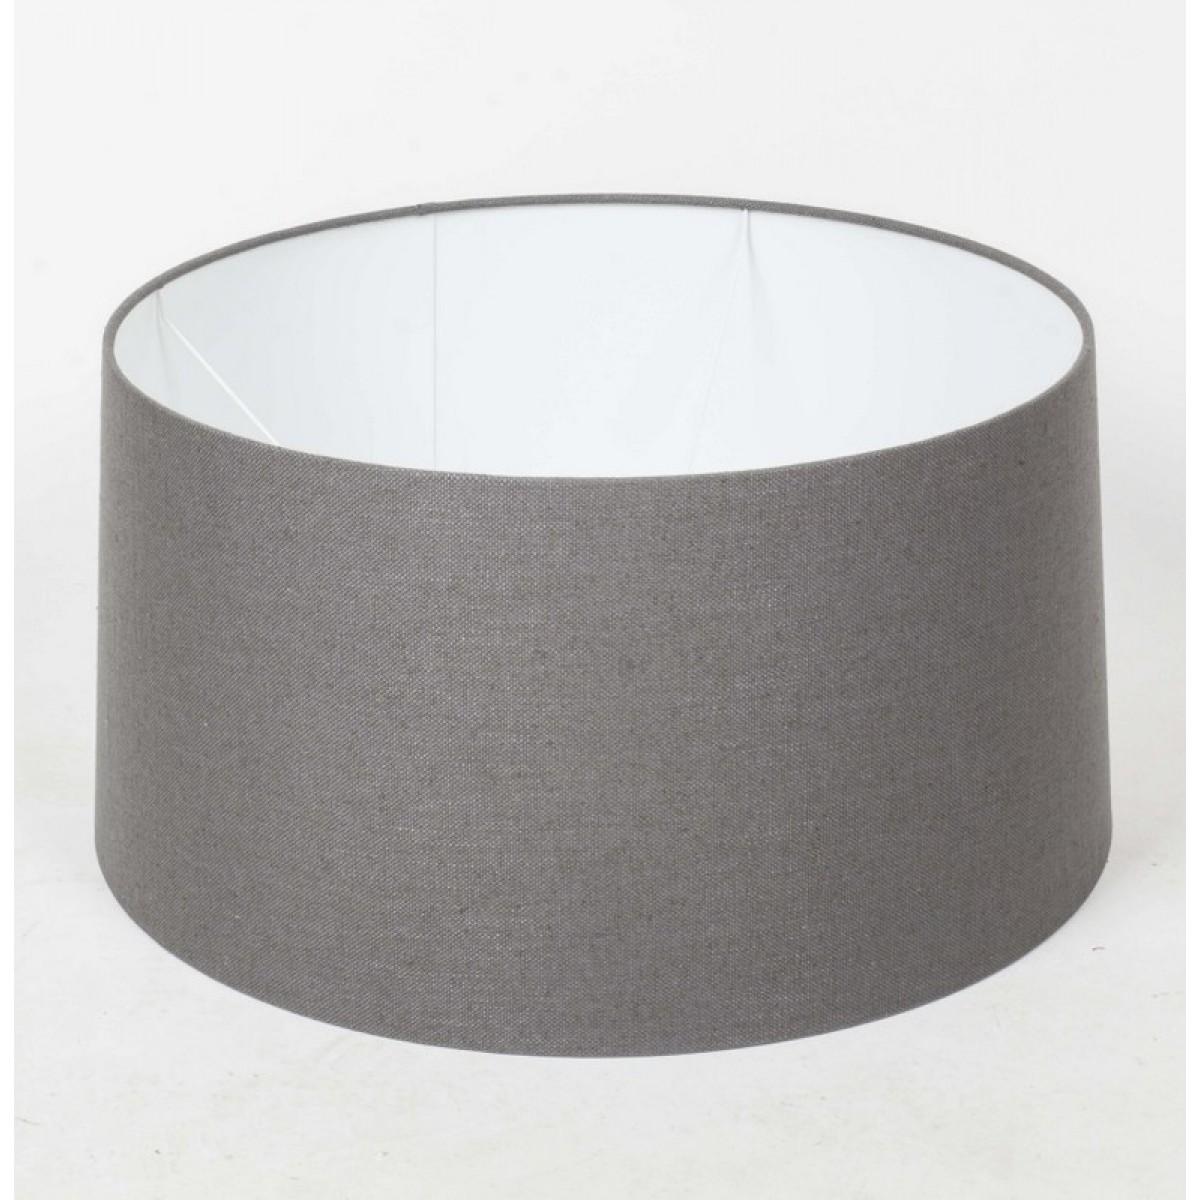 lampenschirm grau f r eine stehleuchte tischleuchte 60 cm. Black Bedroom Furniture Sets. Home Design Ideas